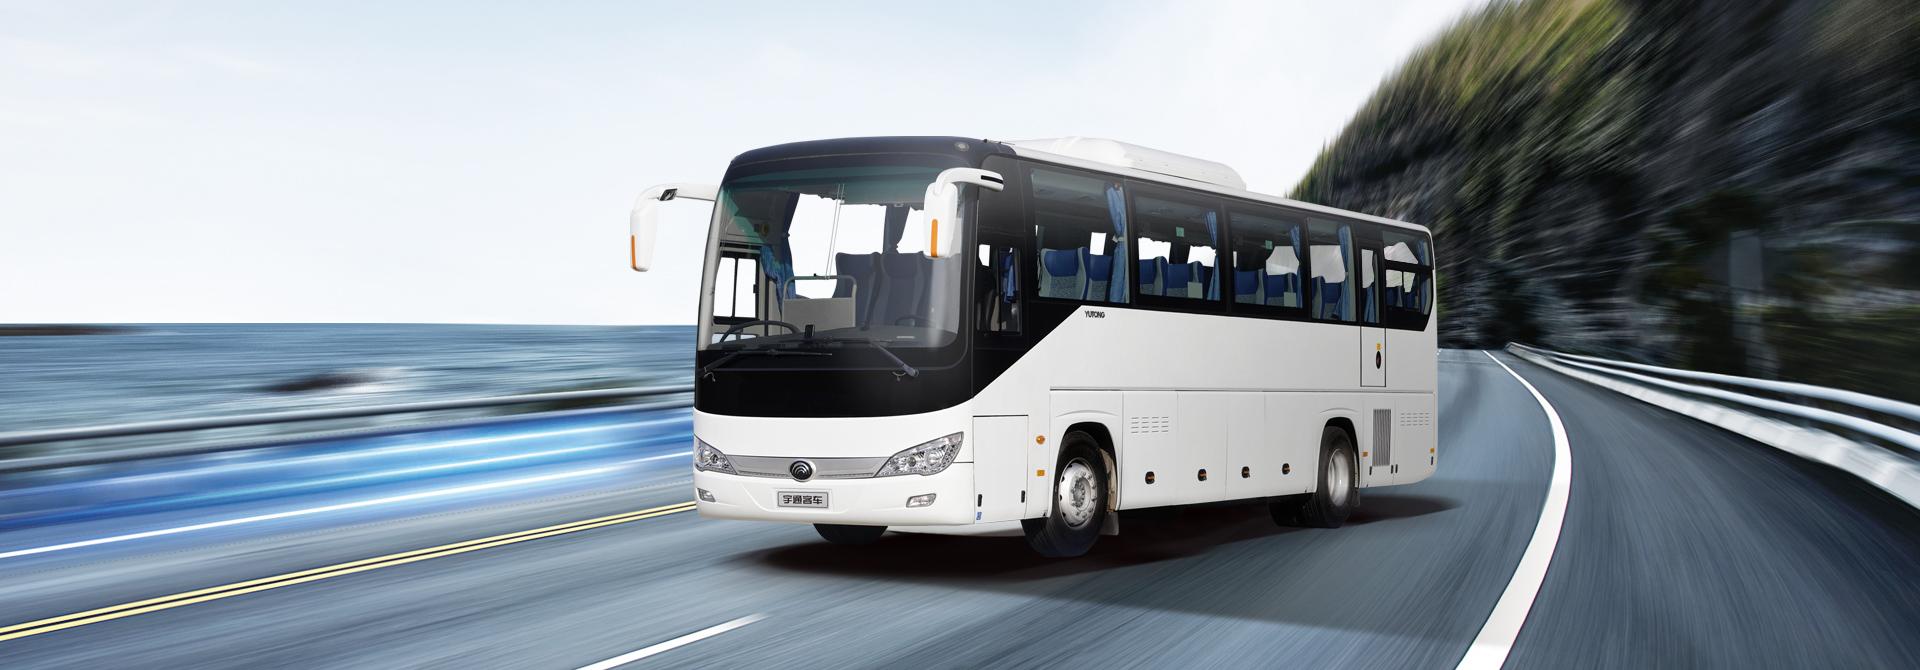 10-E11(ZK6119BEVQ)公路新能源